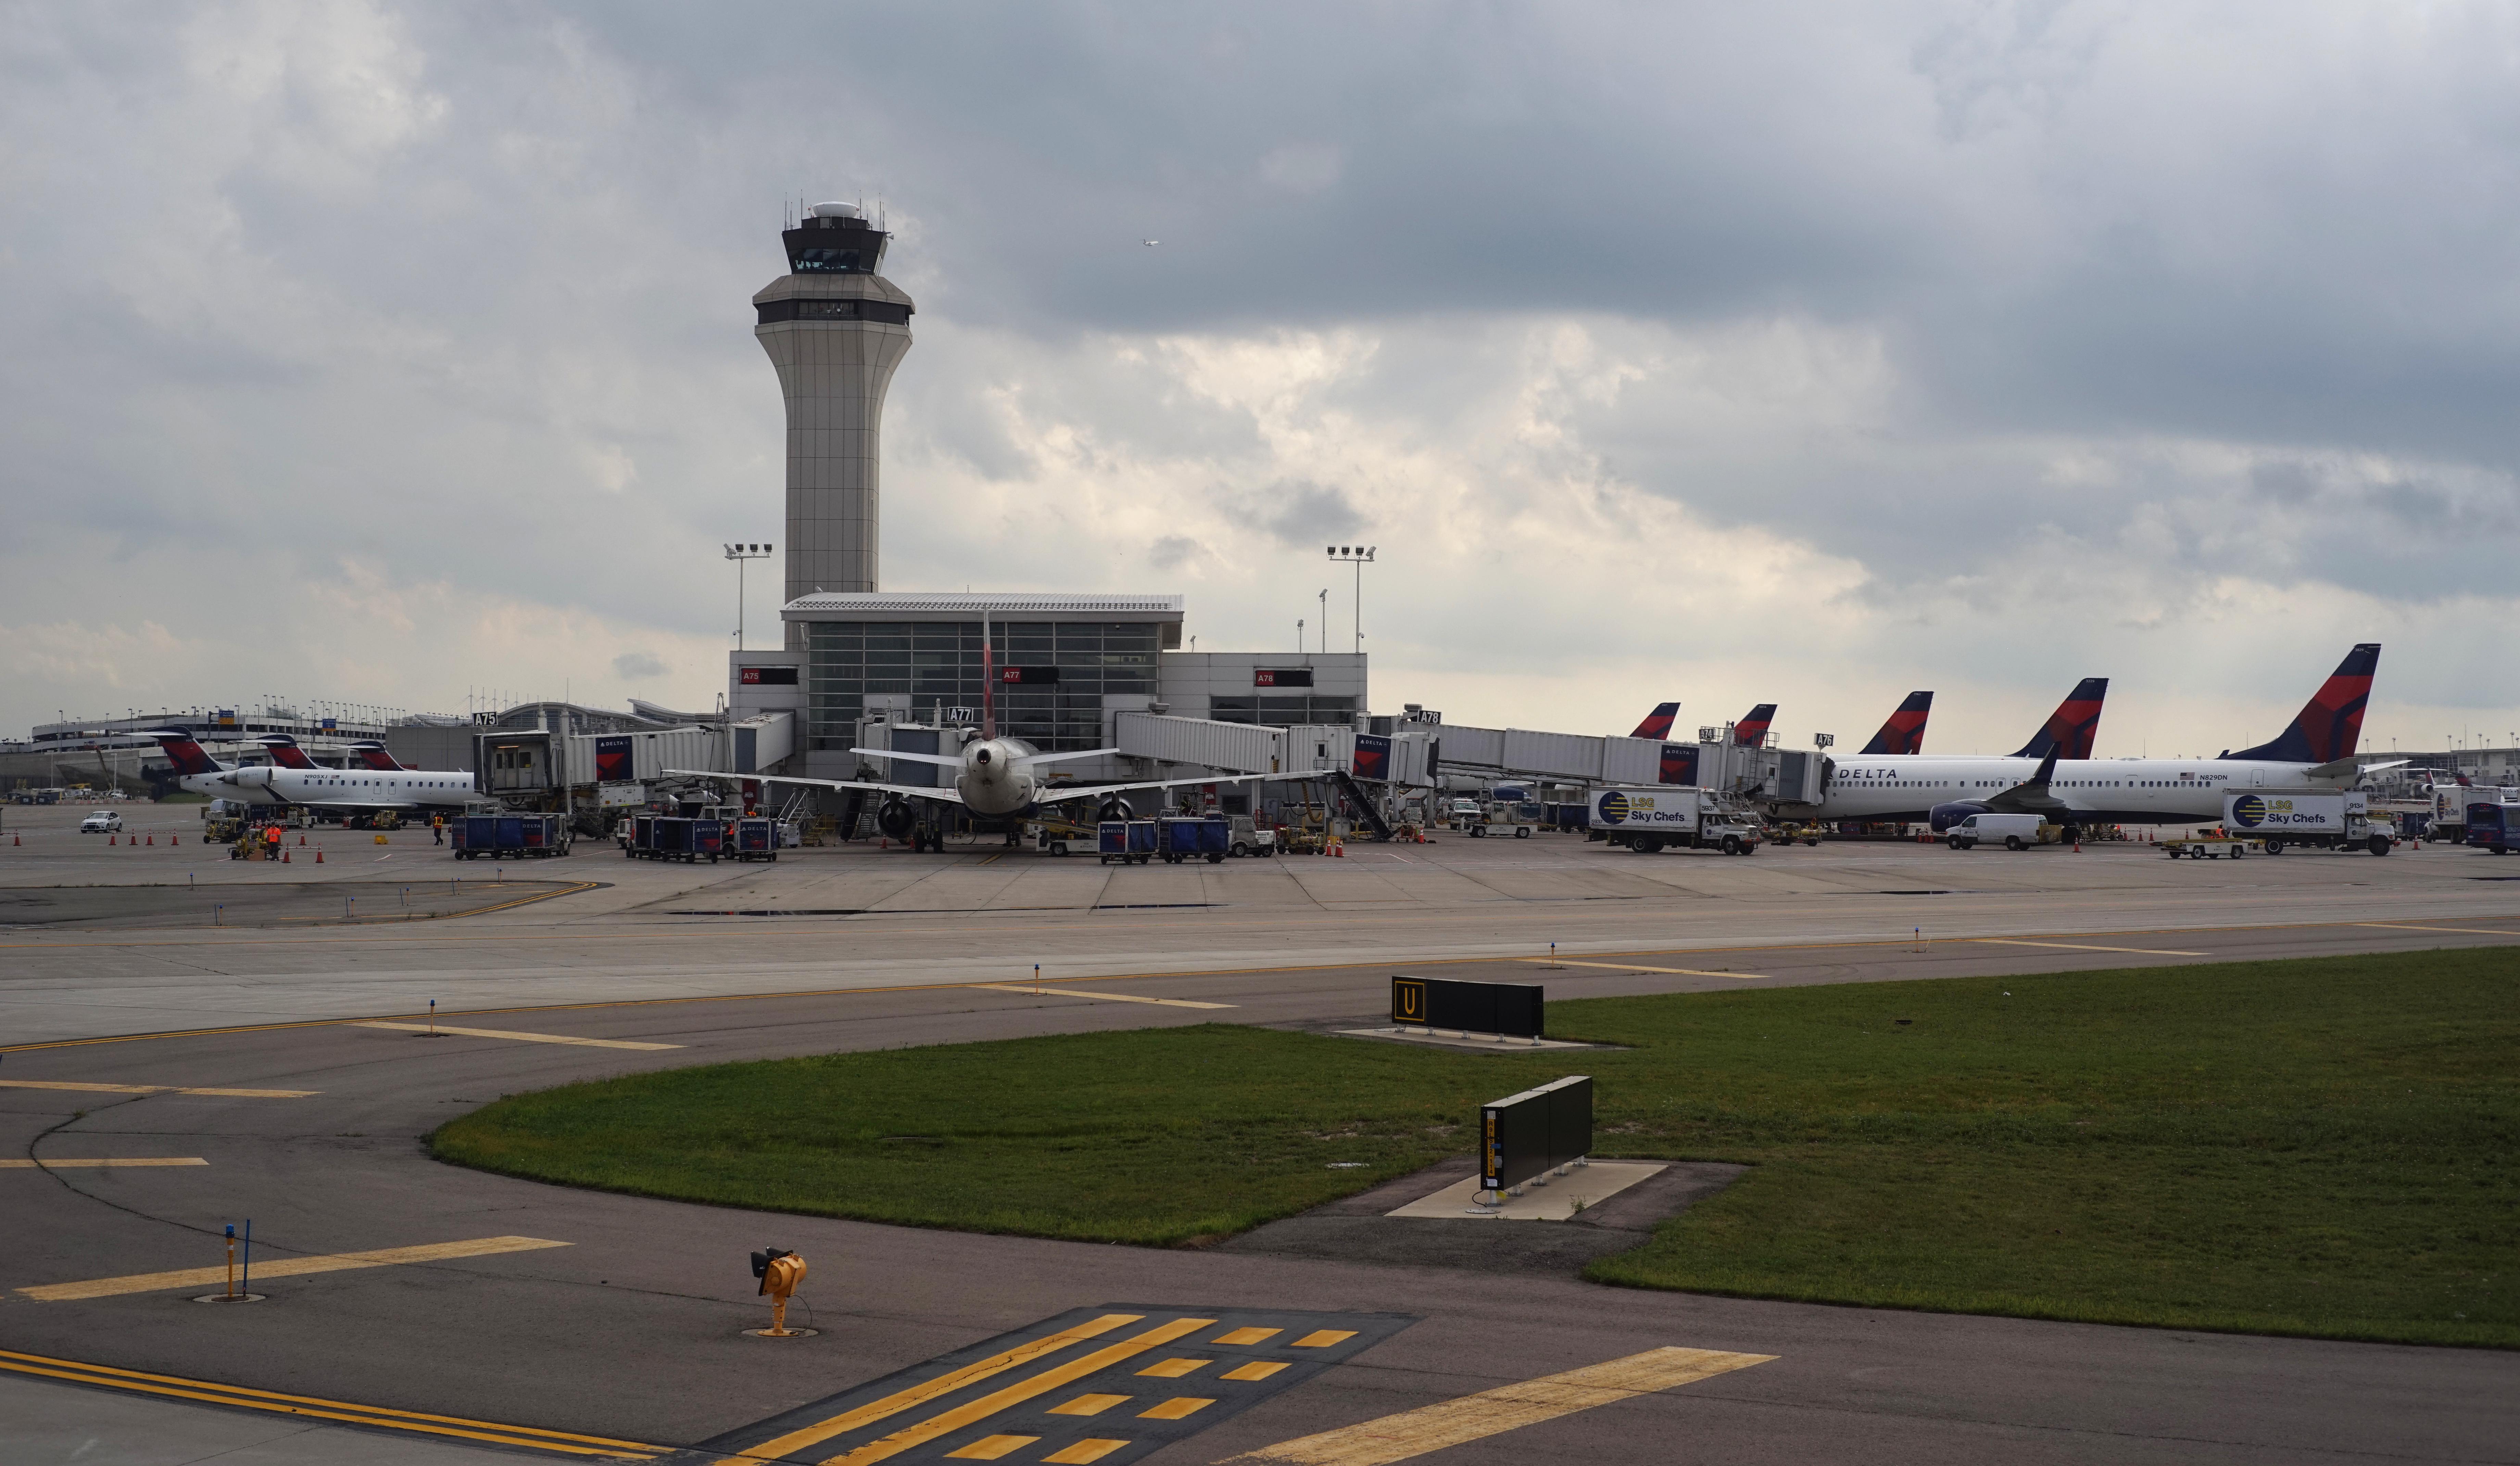 McNamara_Terminal_at_DTW - Evergreen Aviation